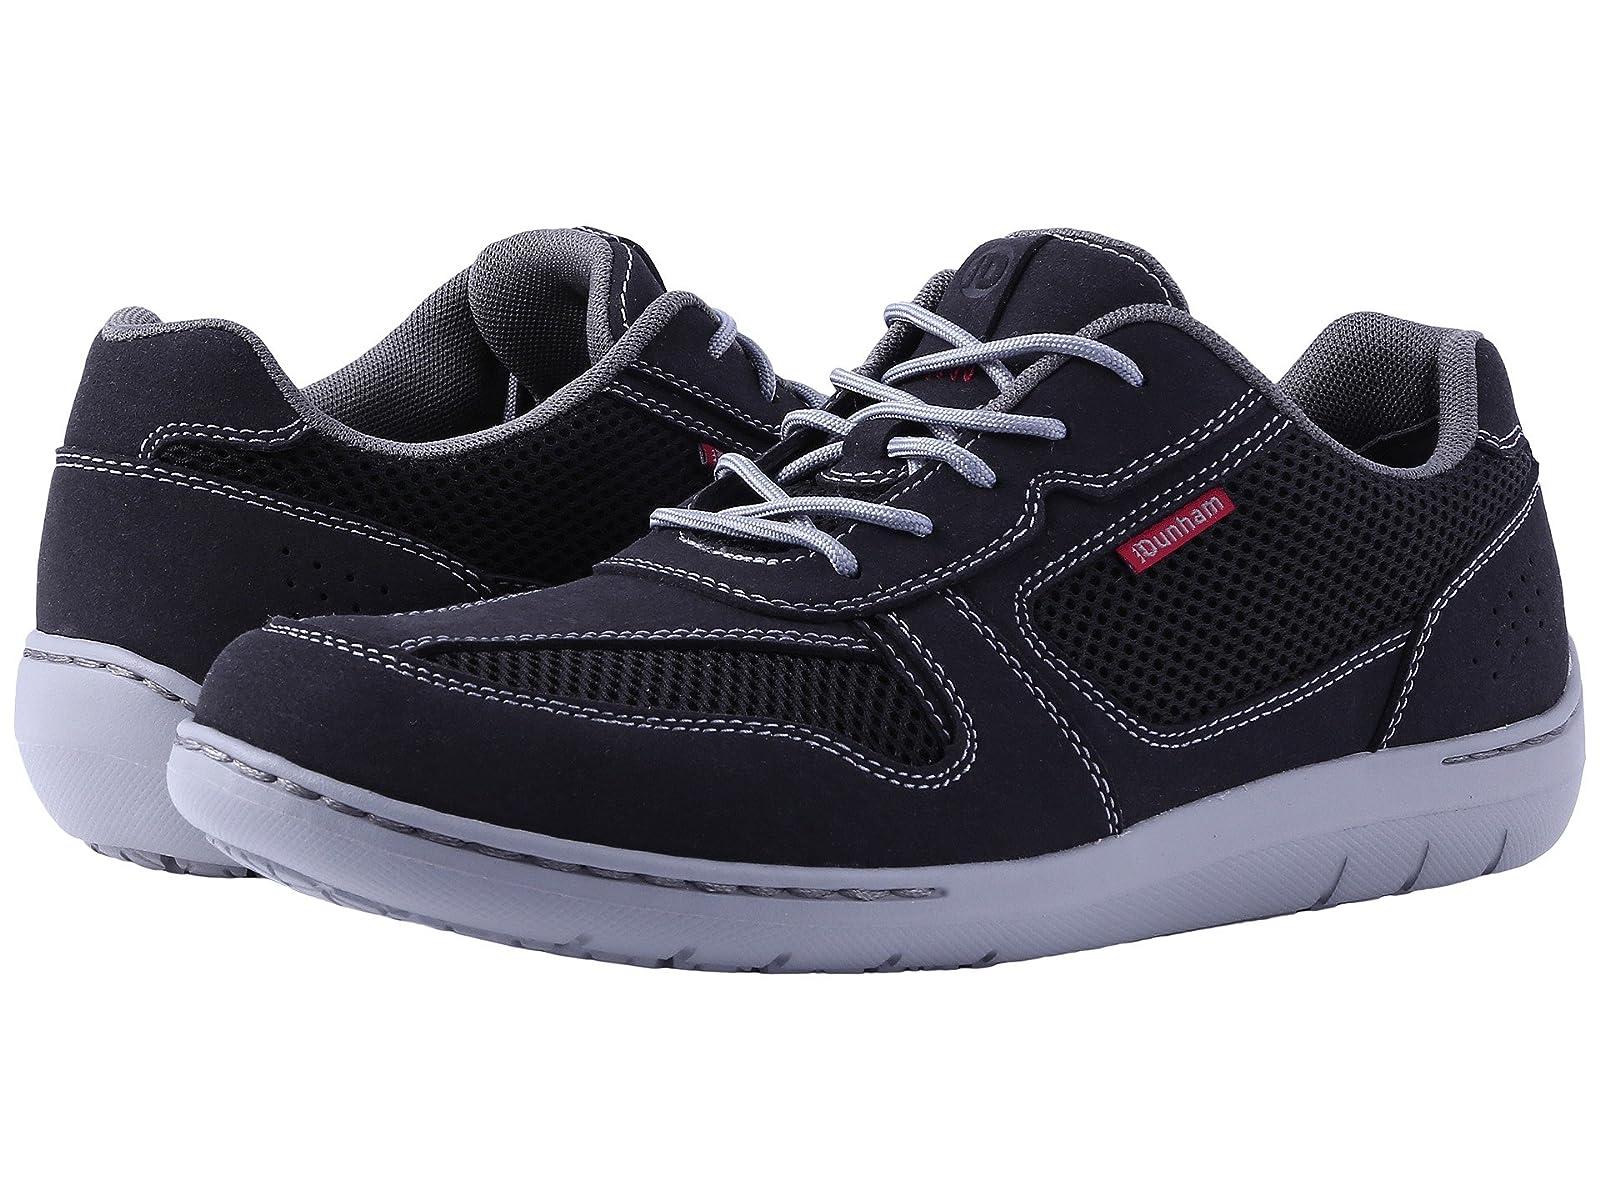 Dunham Fitsmart U BalAtmospheric grades have affordable shoes